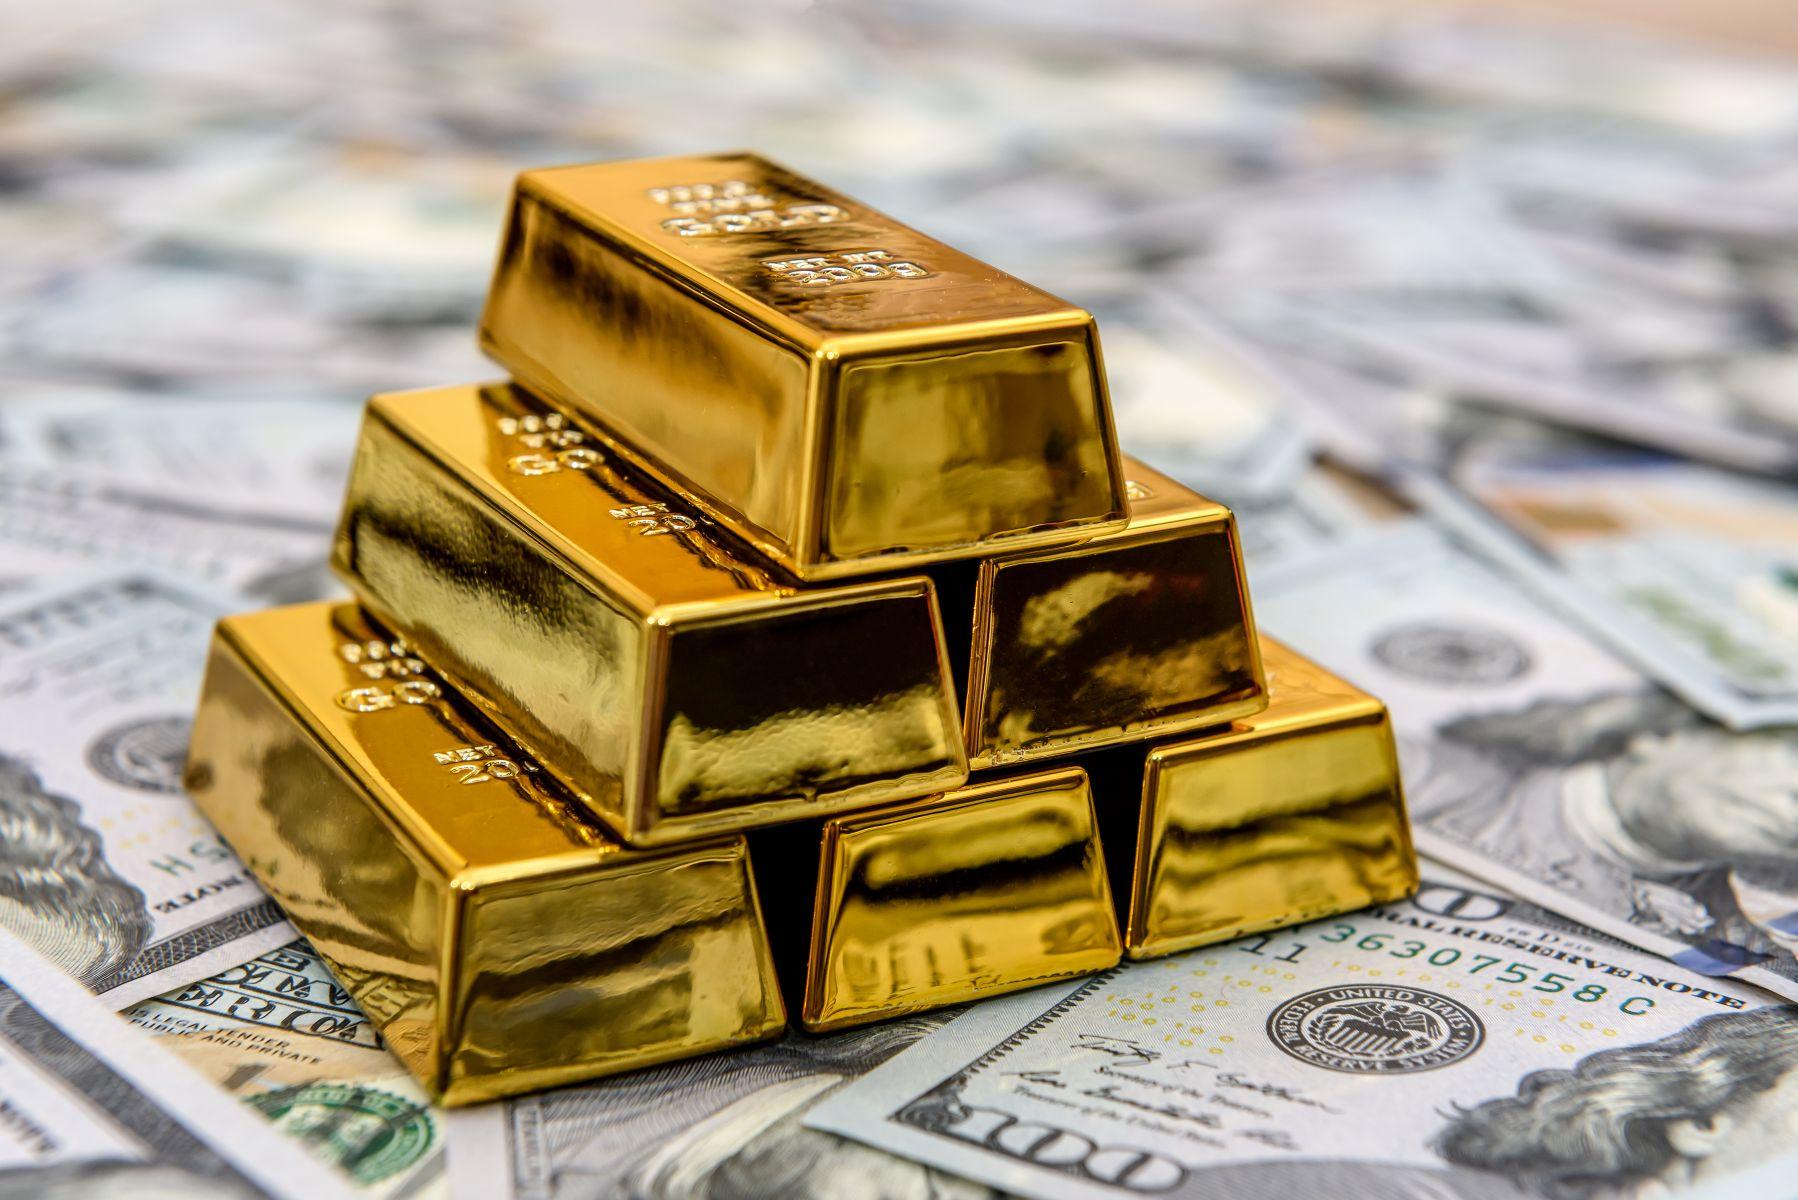 黃金ETF超吸金 單月淨流入逾900億元! 金價是否續強 要看這三個因素